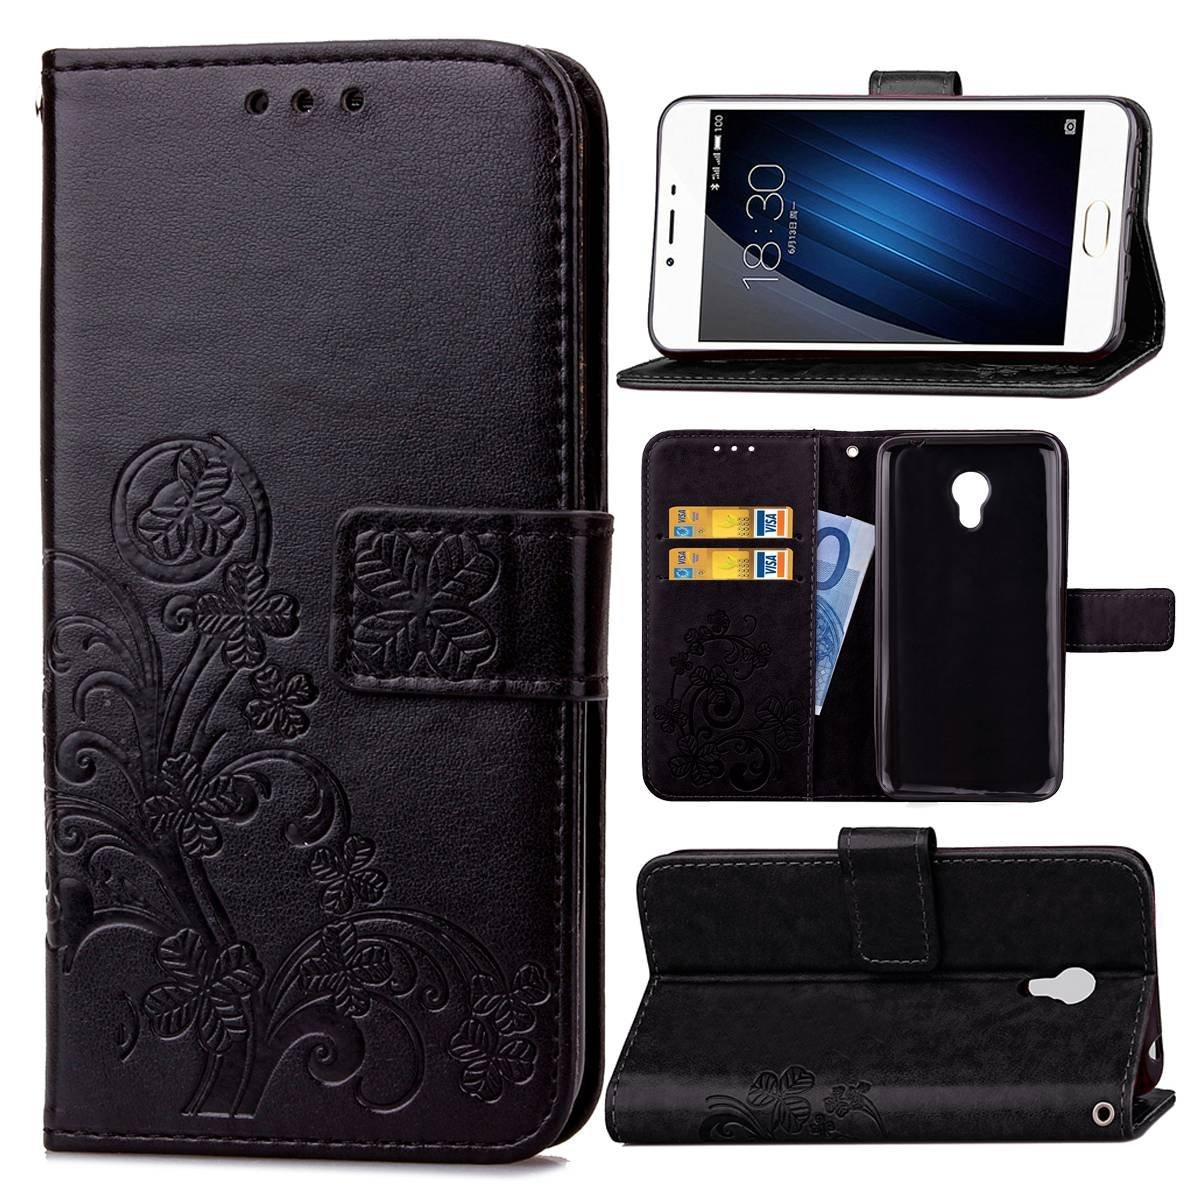 Guran Funda de Cuero PU para Meizu M3S Smartphone Función de ...